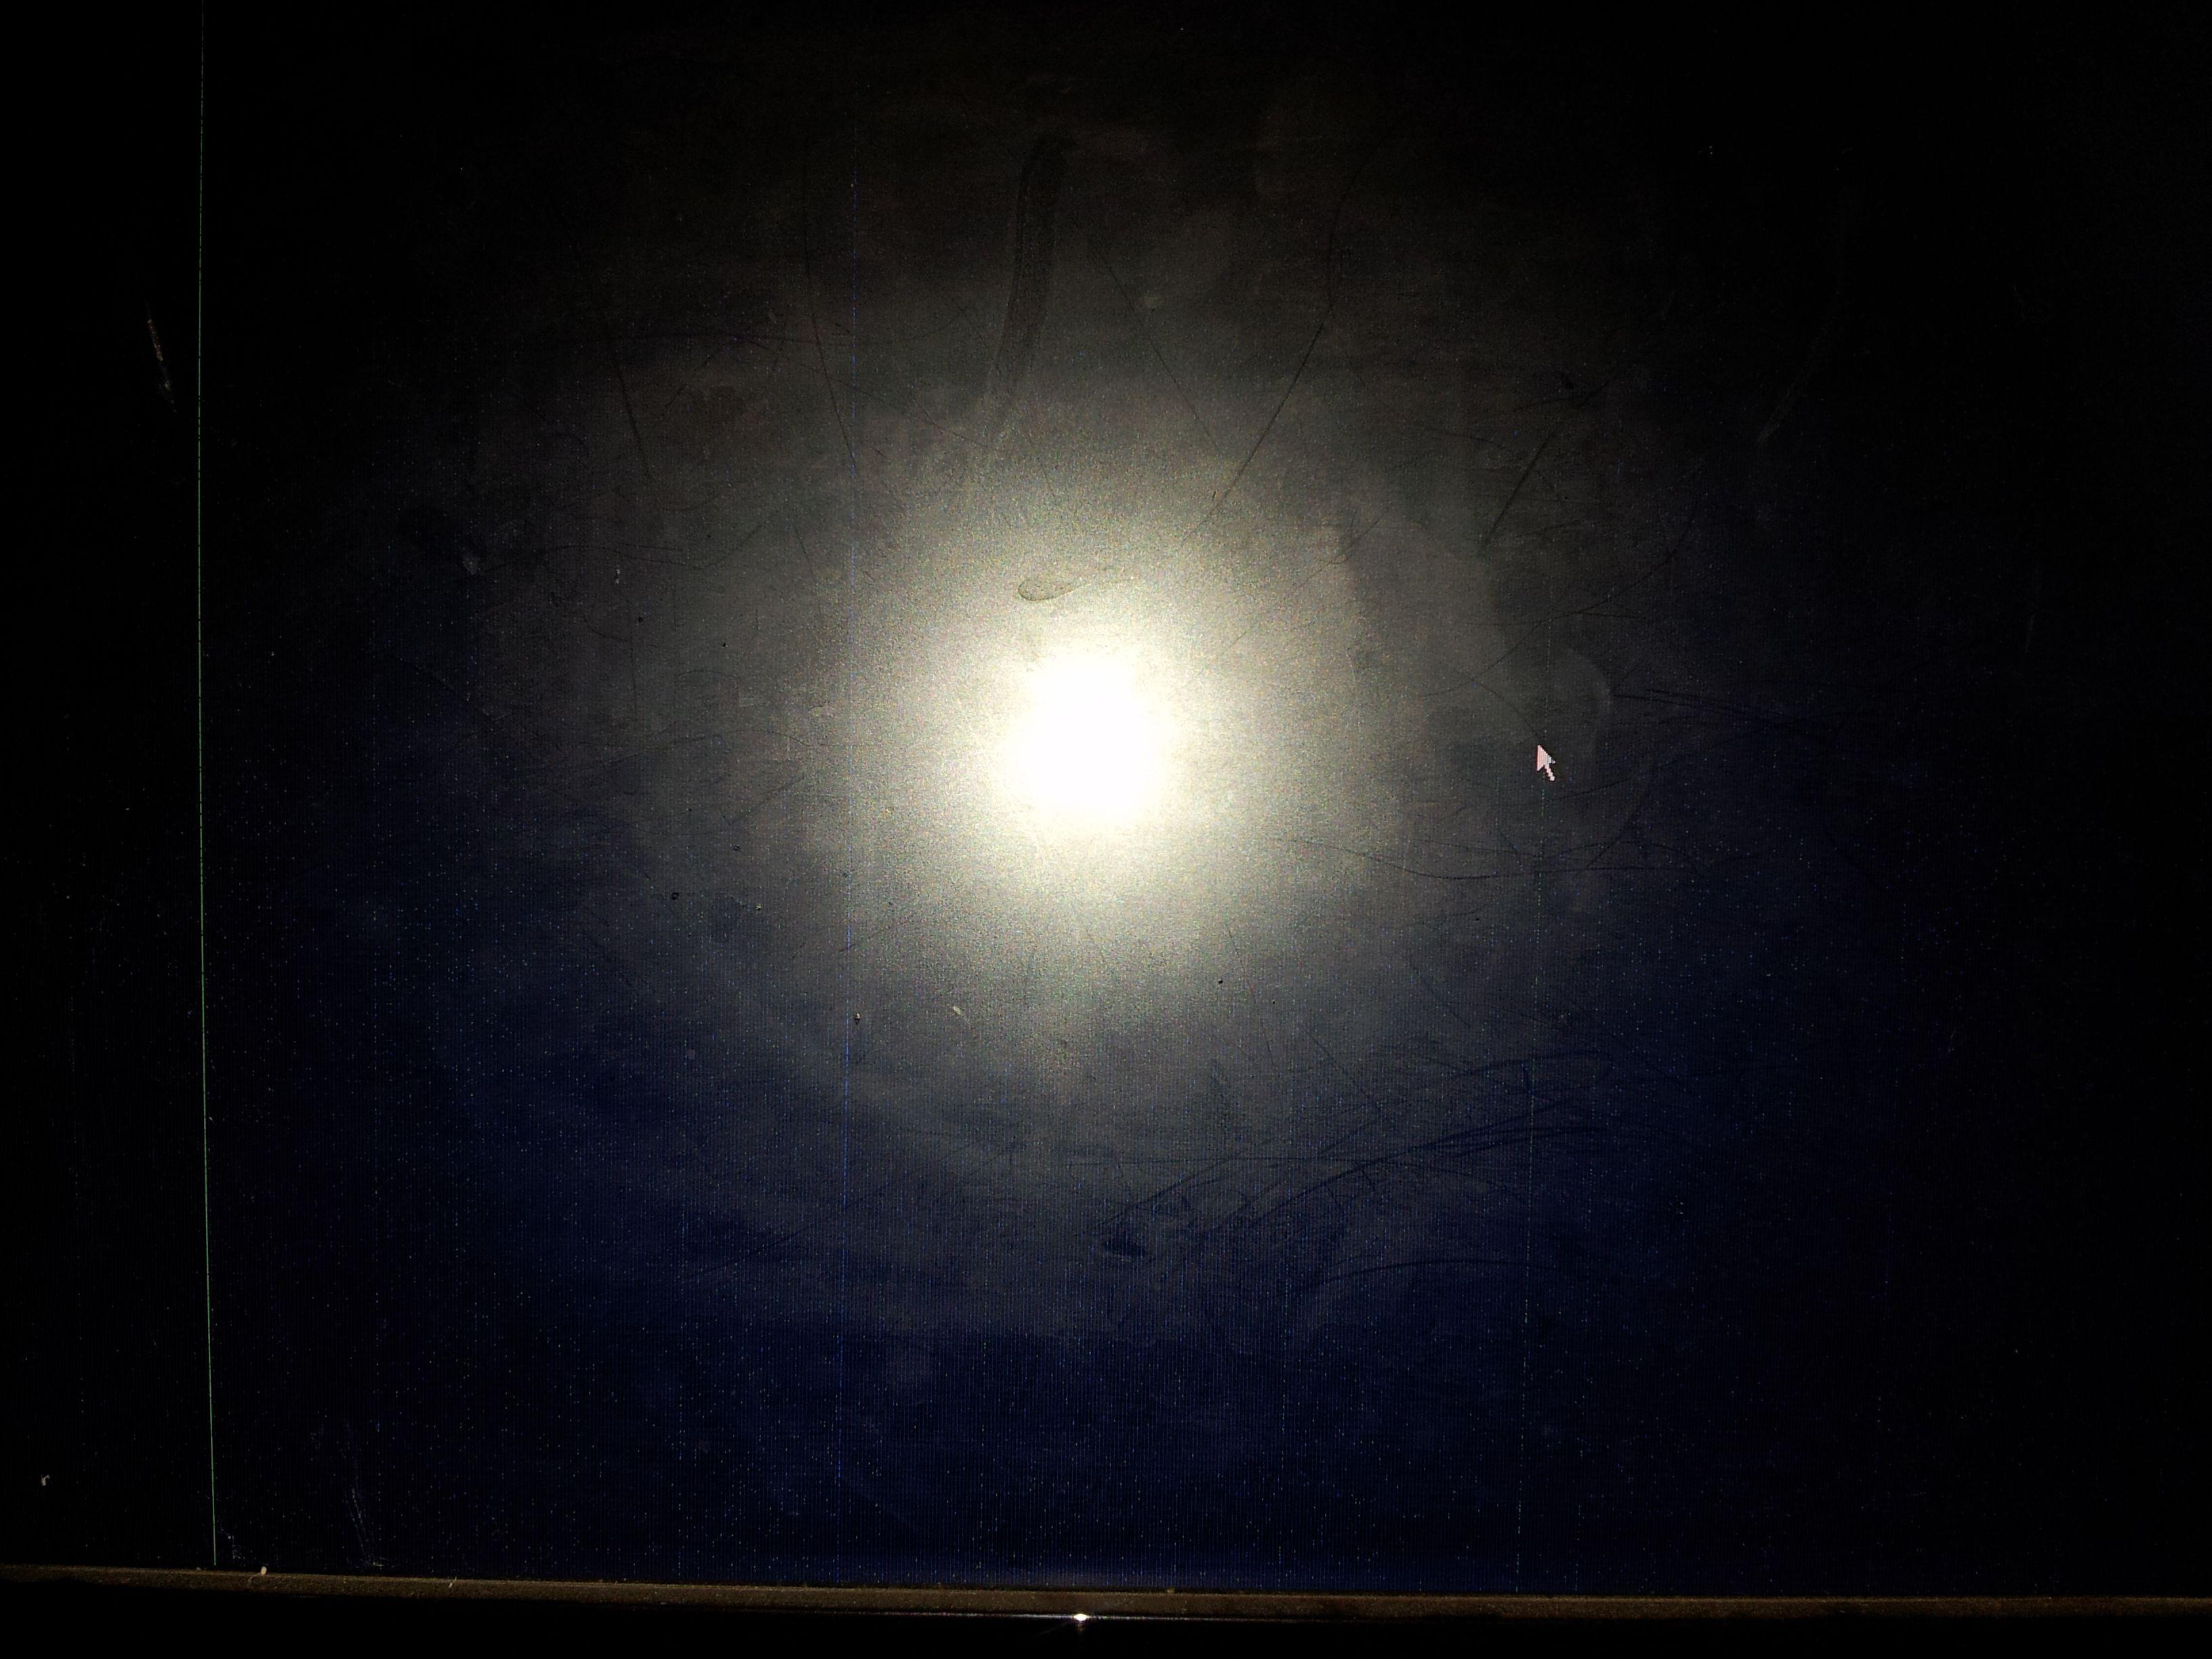 背景 壁纸 皮肤 星空 宇宙 桌面 3264_2448图片